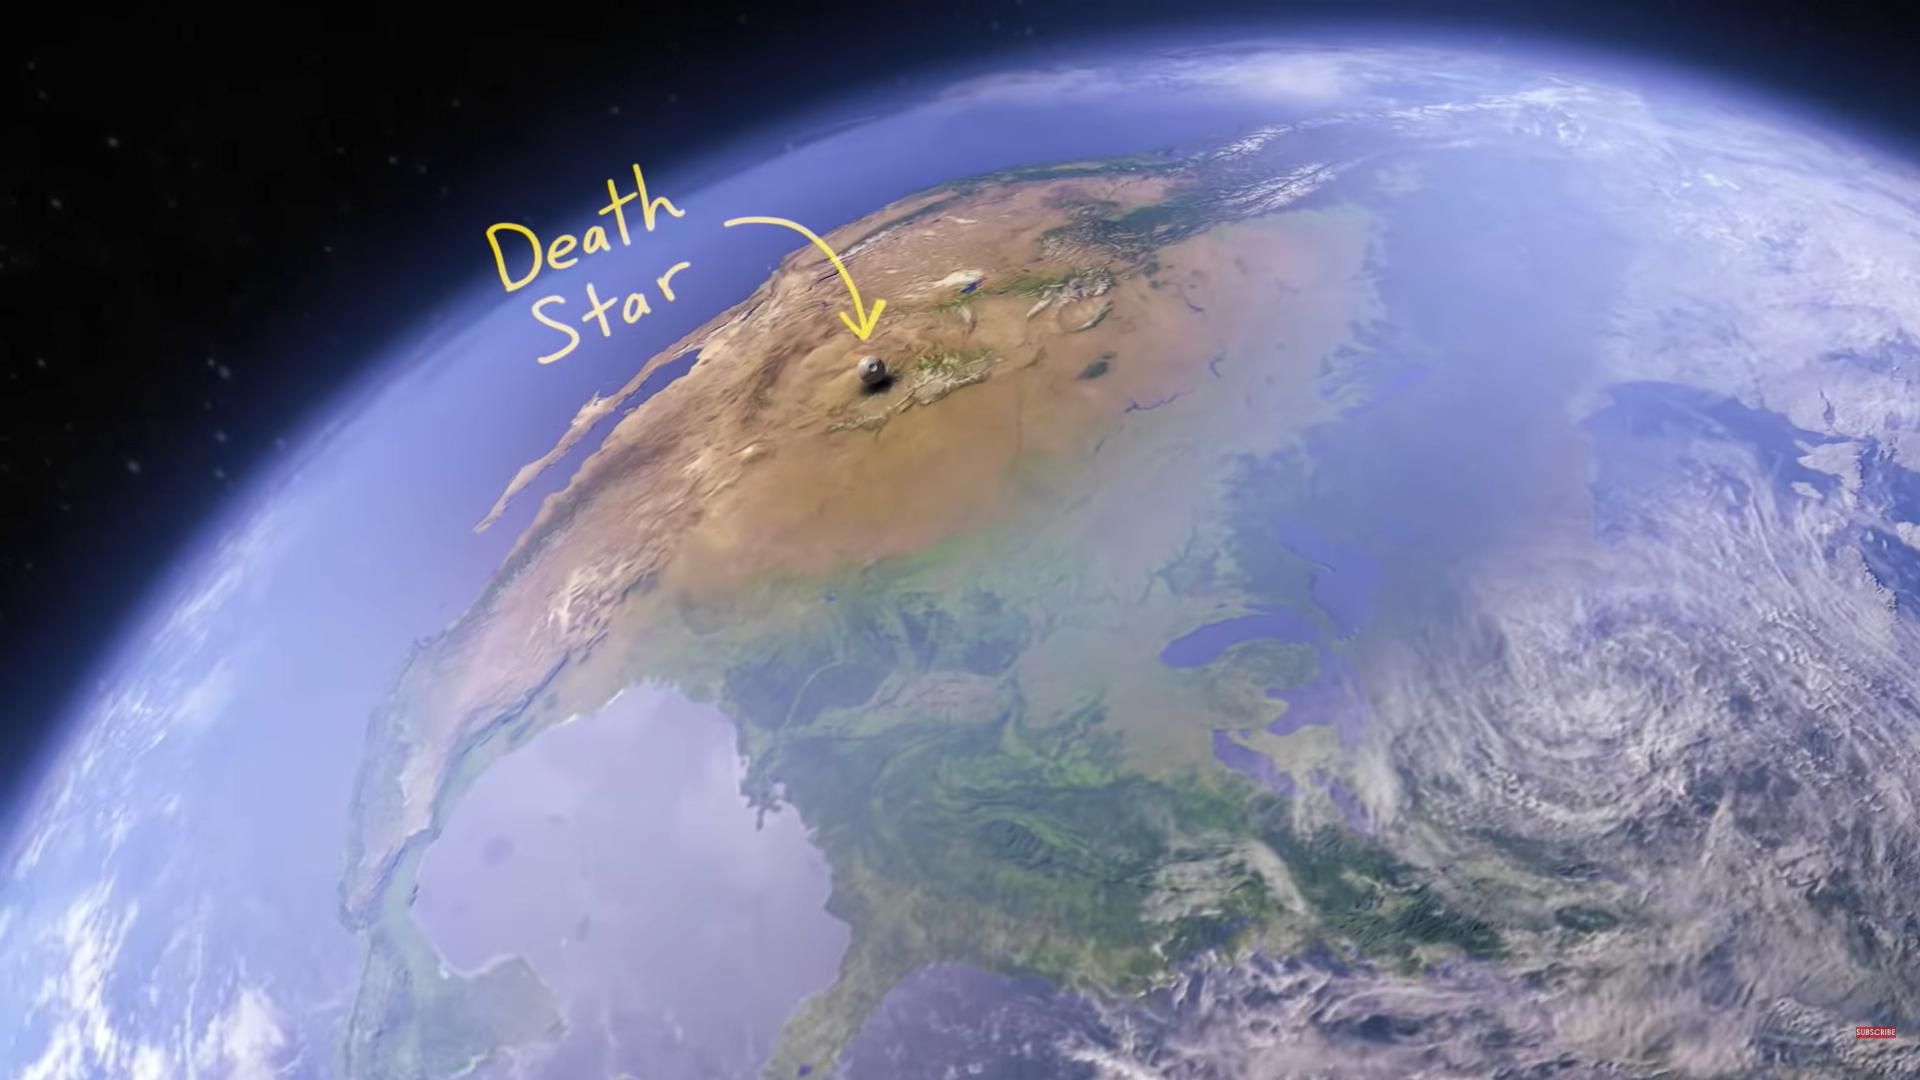 デス スター小さっ リアルで スター ウォーズ に登場する宇宙船を比較すると意外な結果に ナゾロジー